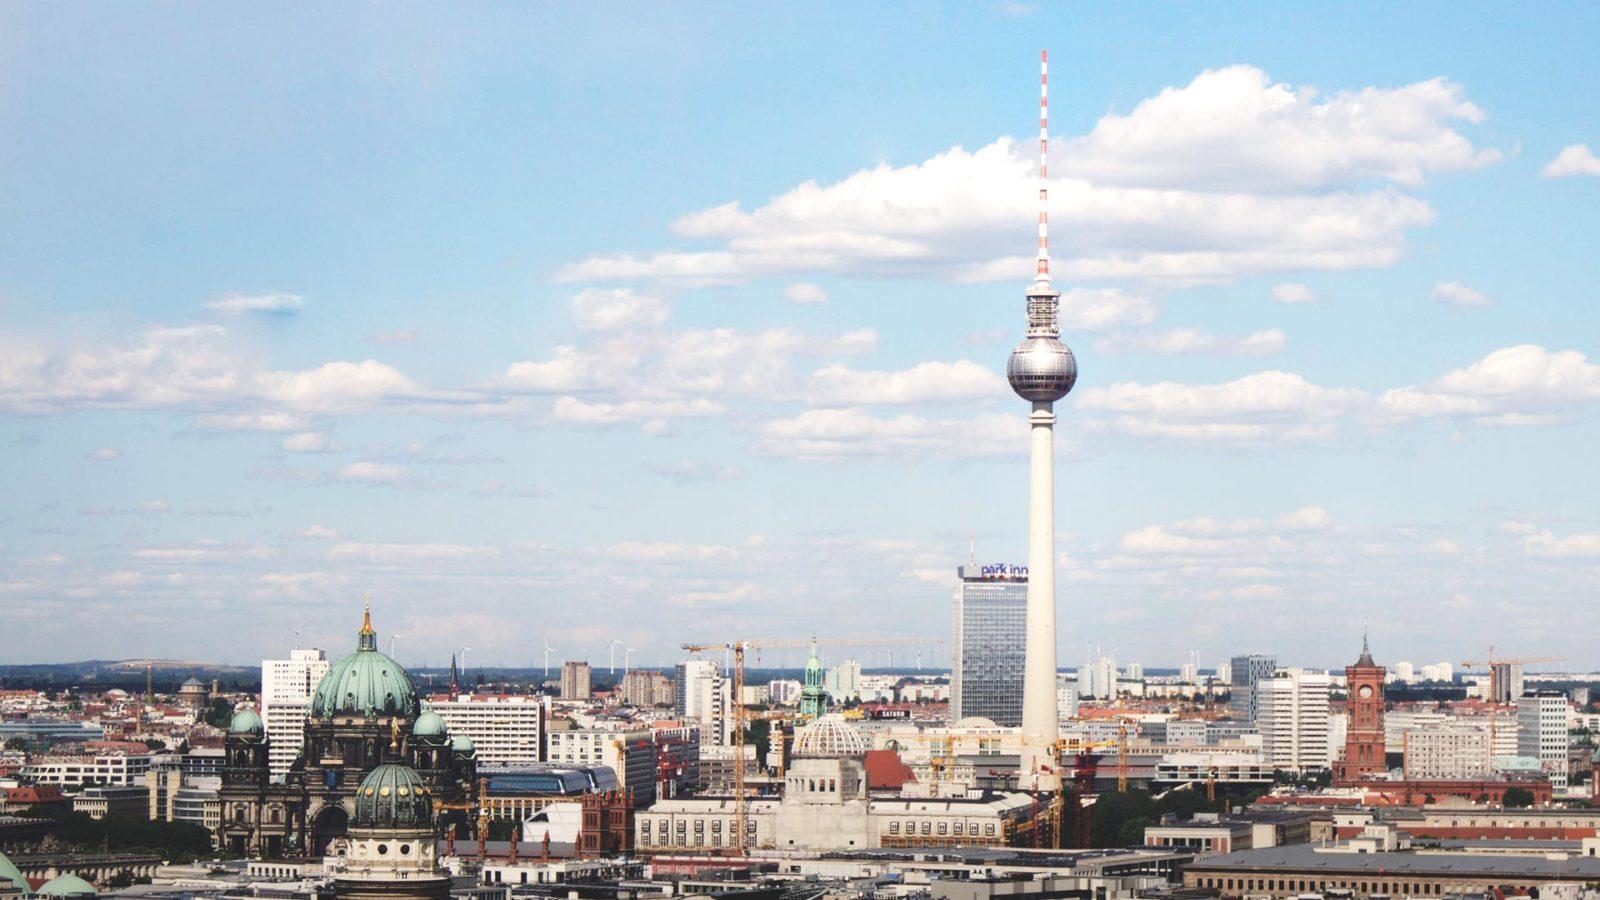 Wohnung kaufen in Berlin